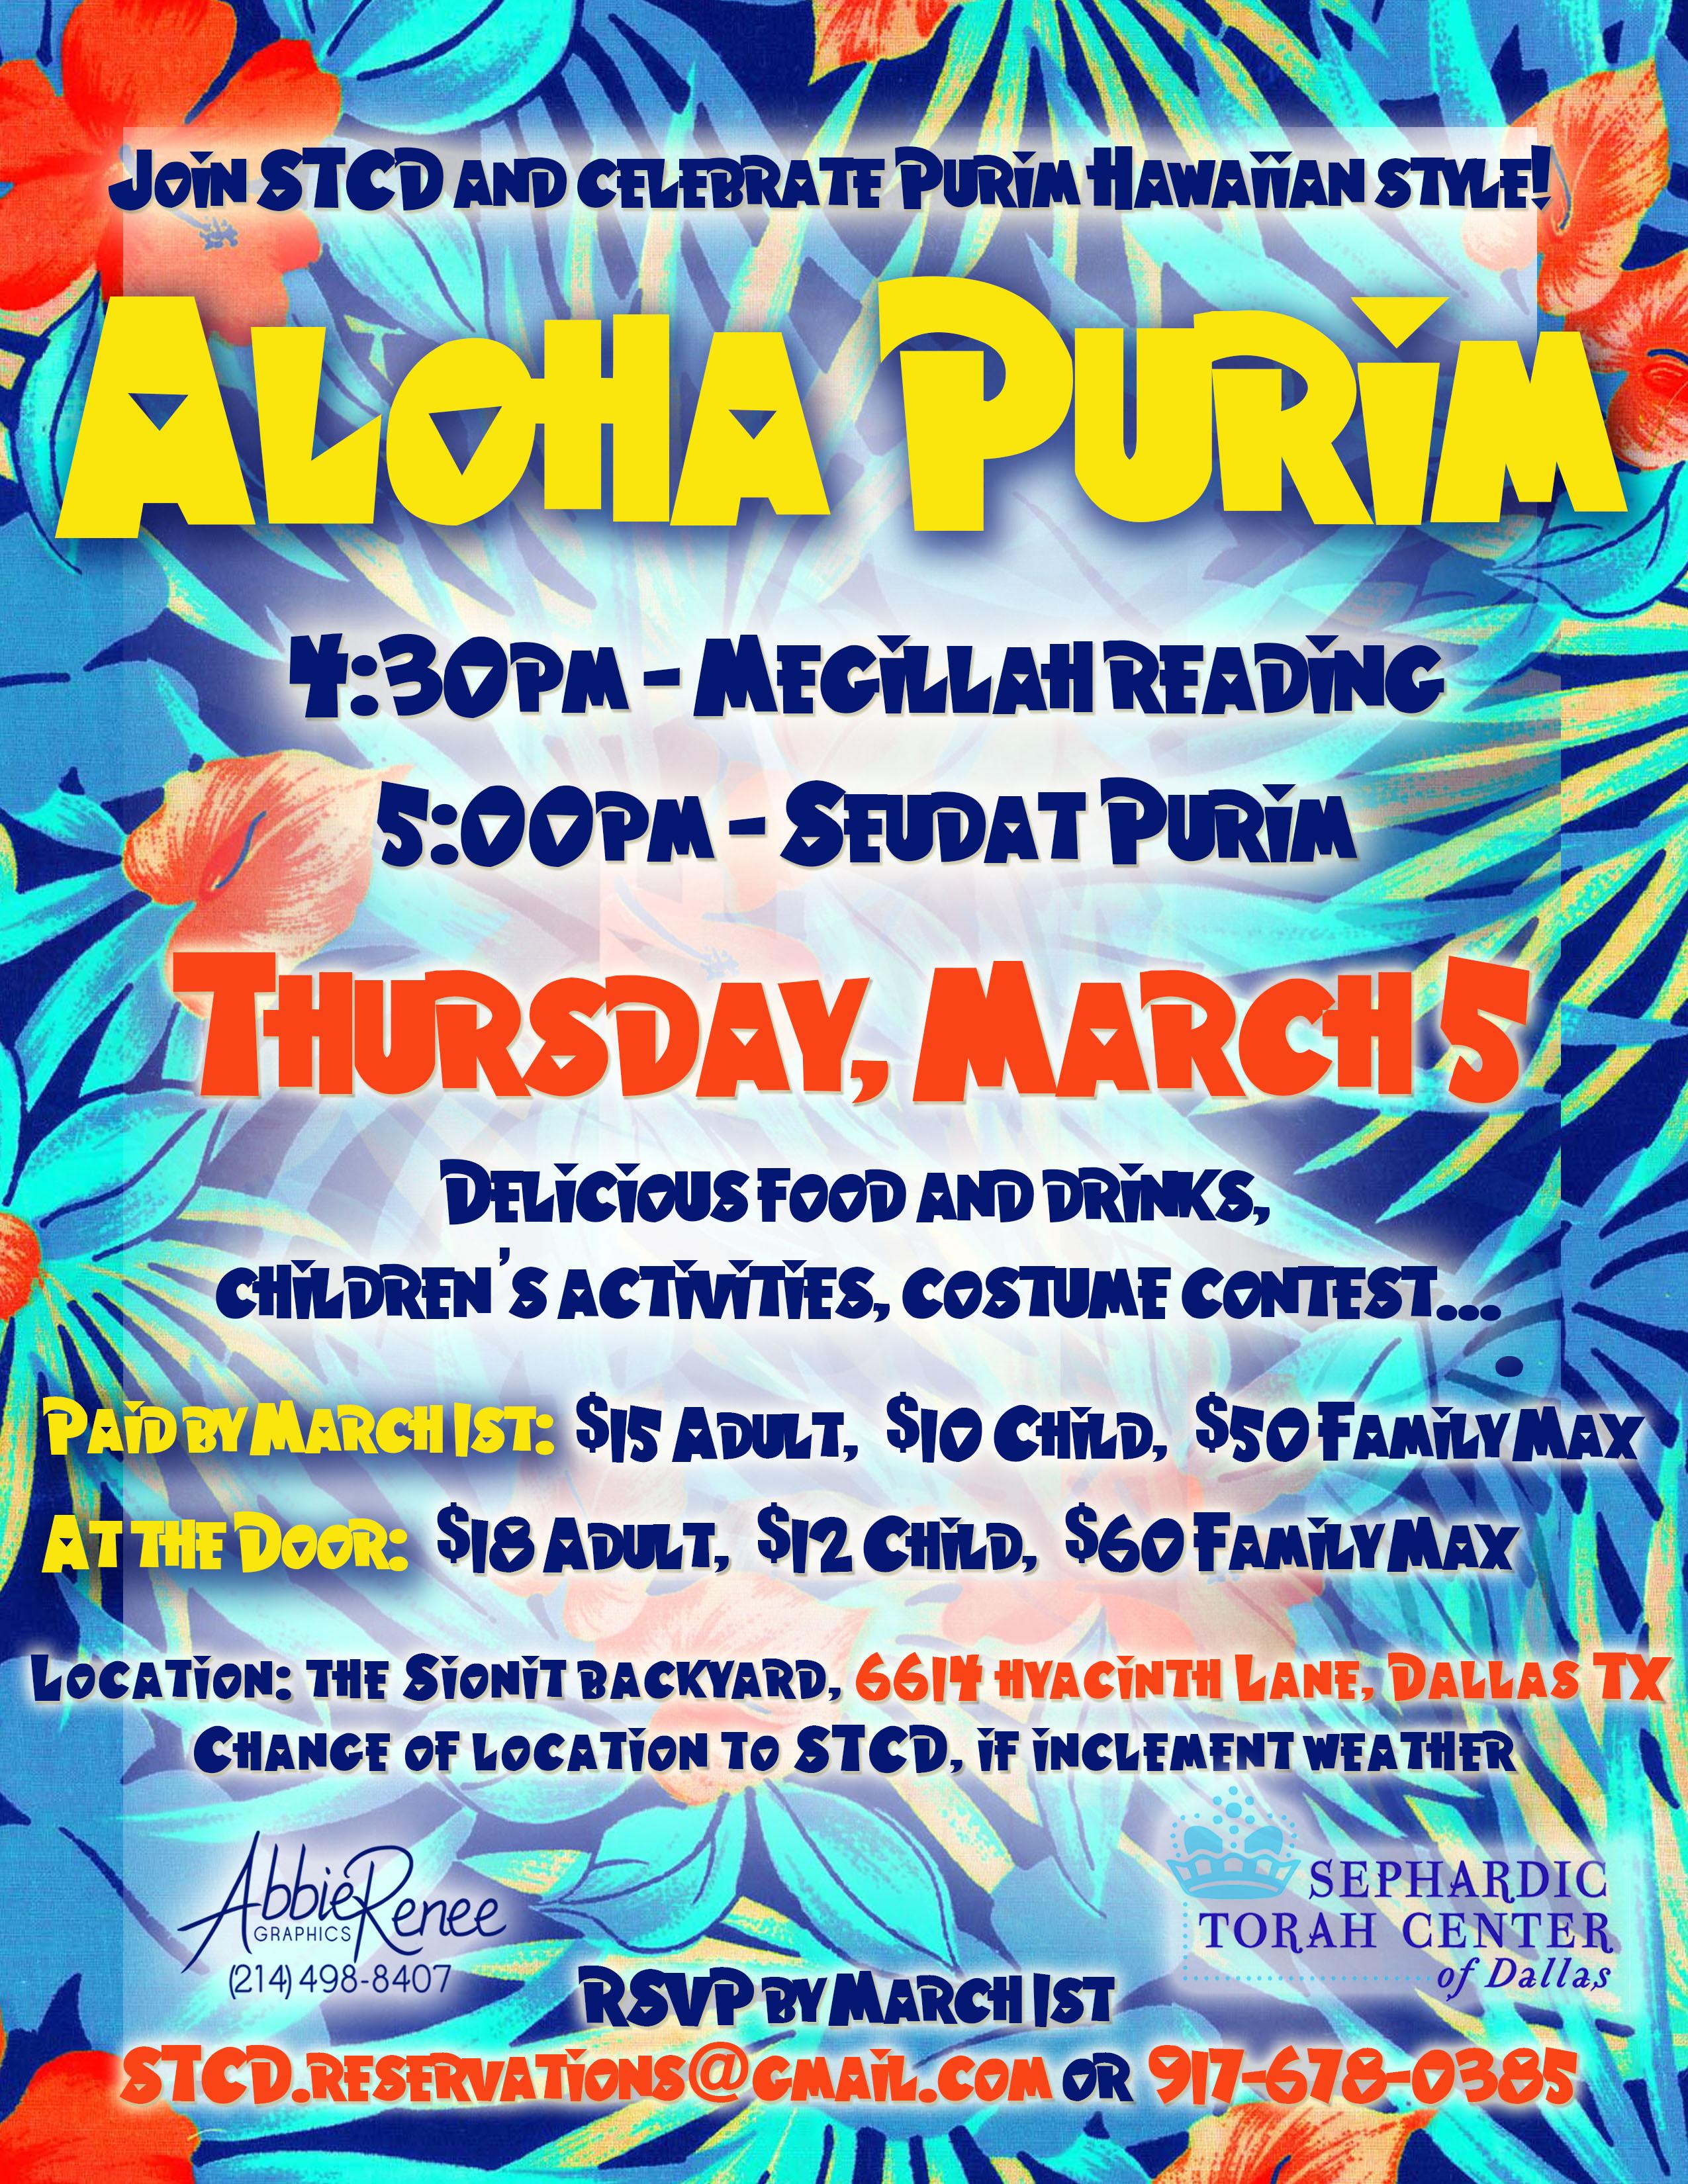 SCTD Hawaiian Purim Flier Compressed